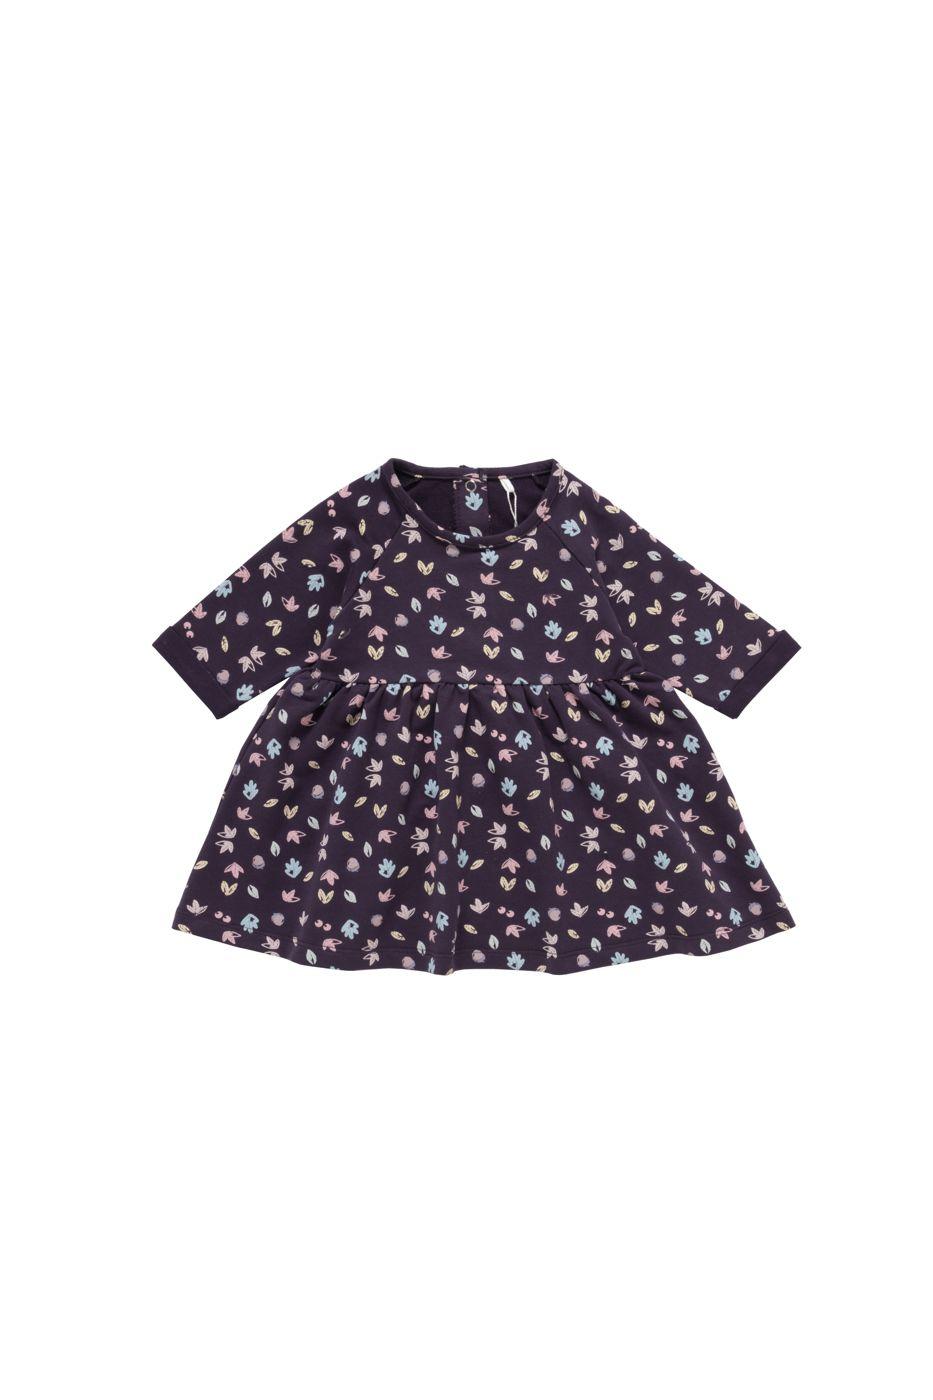 Платье детское artie, цв. фиолетовый, р-р 68 Artie   фото